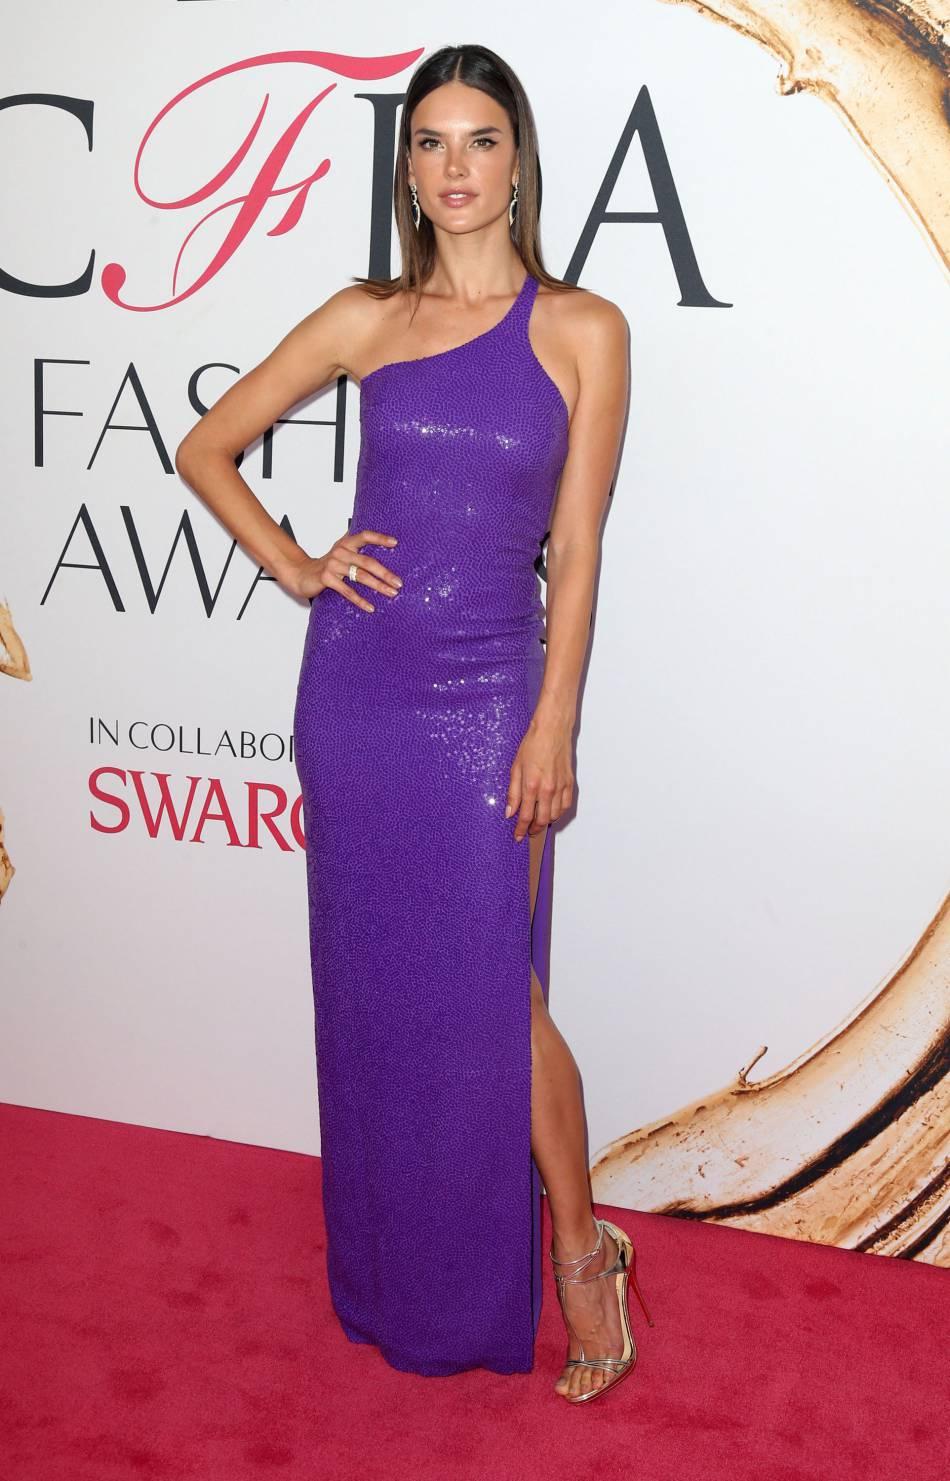 Alessandra Ambrosio dans sa robe violette dessiné par Michael Kors.